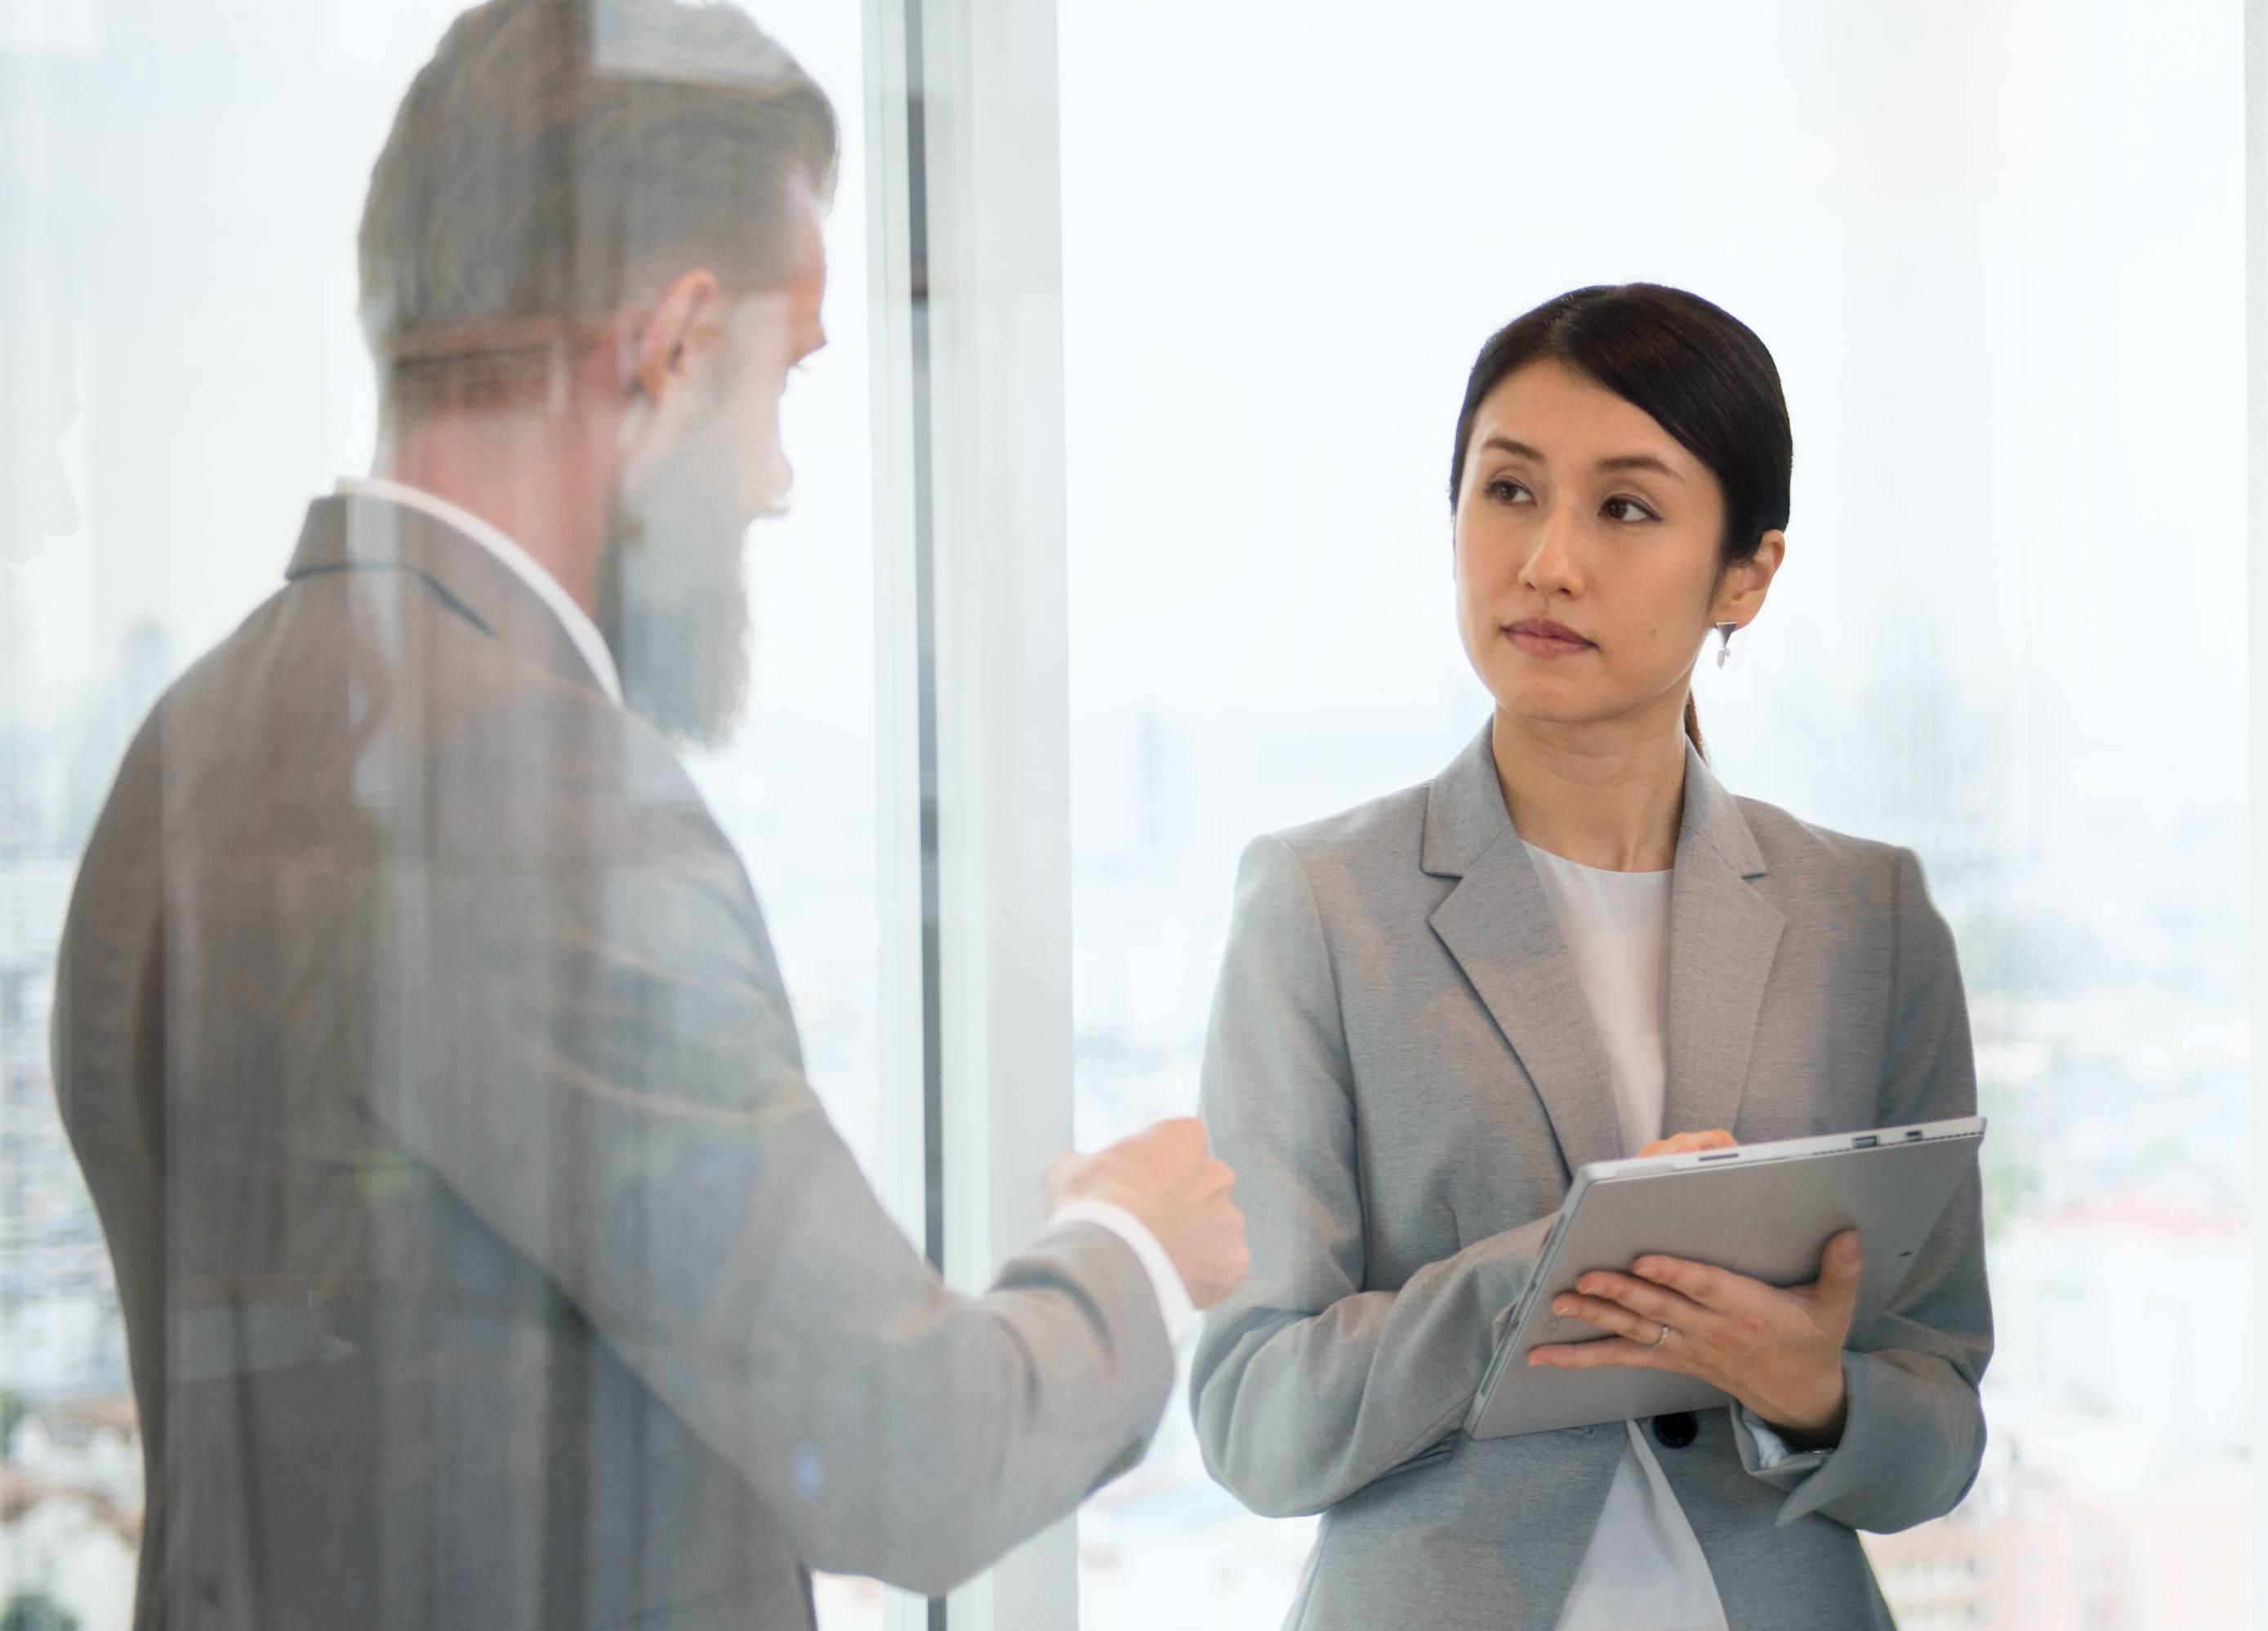 Zo berekent en onderhandelt u lonen als werkgever